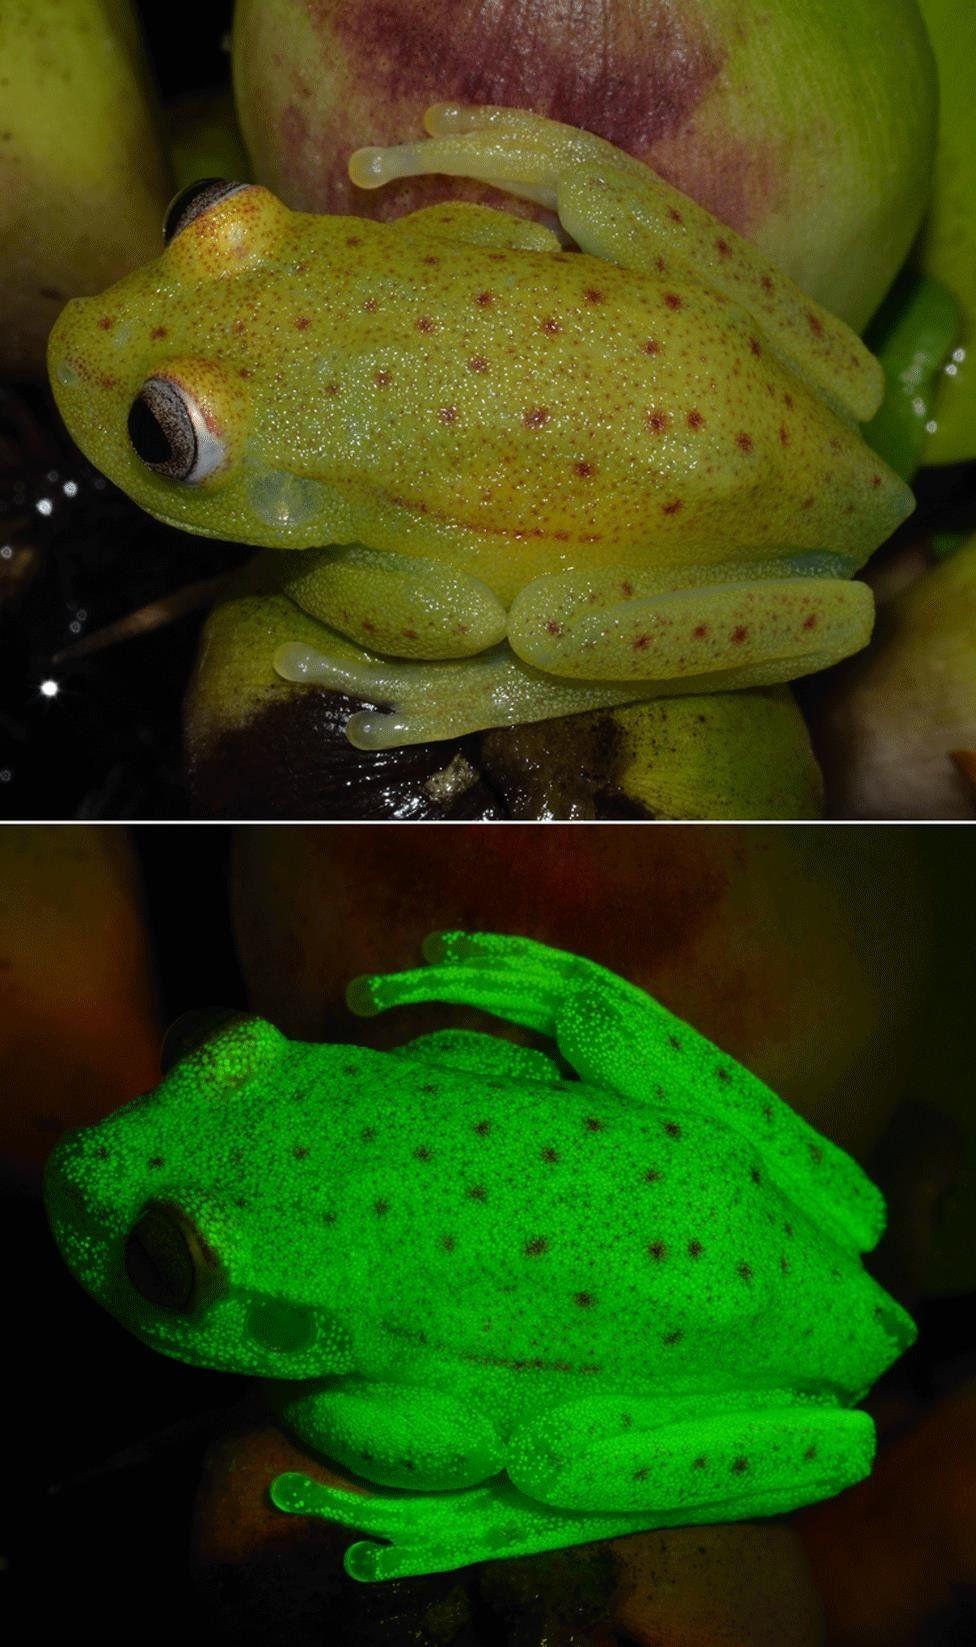 Así es la primera rana fluorescente que han descubierto en el mundo y que vive en Argentina